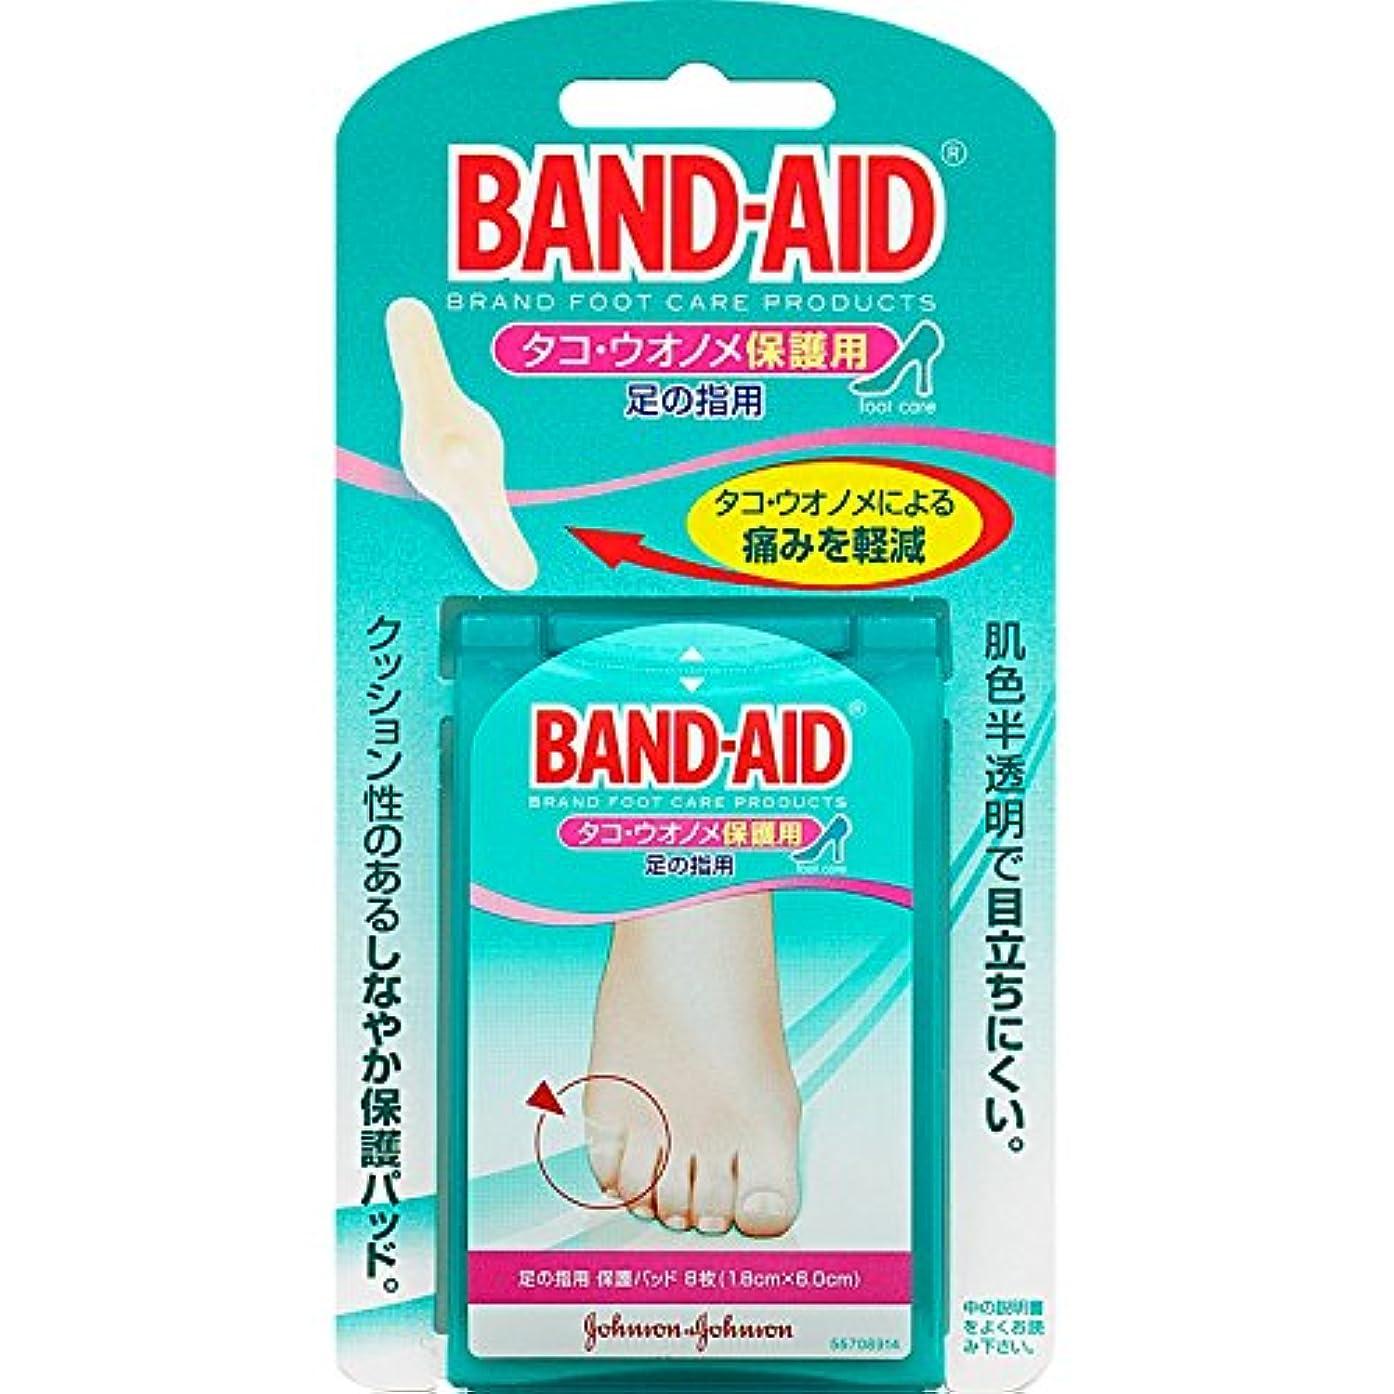 どこにでもヒープオーチャードBAND-AID(バンドエイド) タコ?ウオノメ保護用 足の指用 8枚